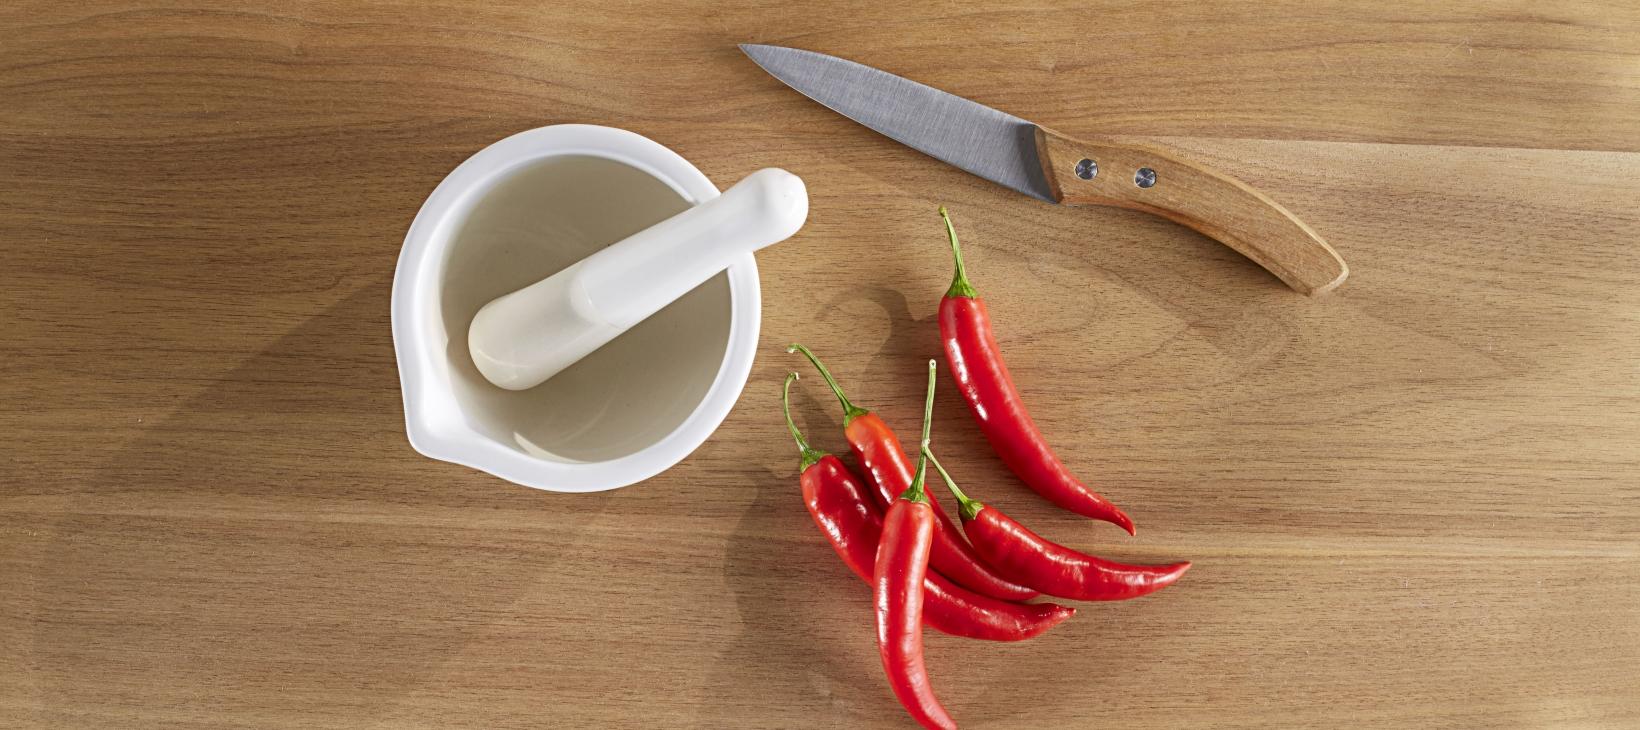 Mörser, Chilischoten und Messer